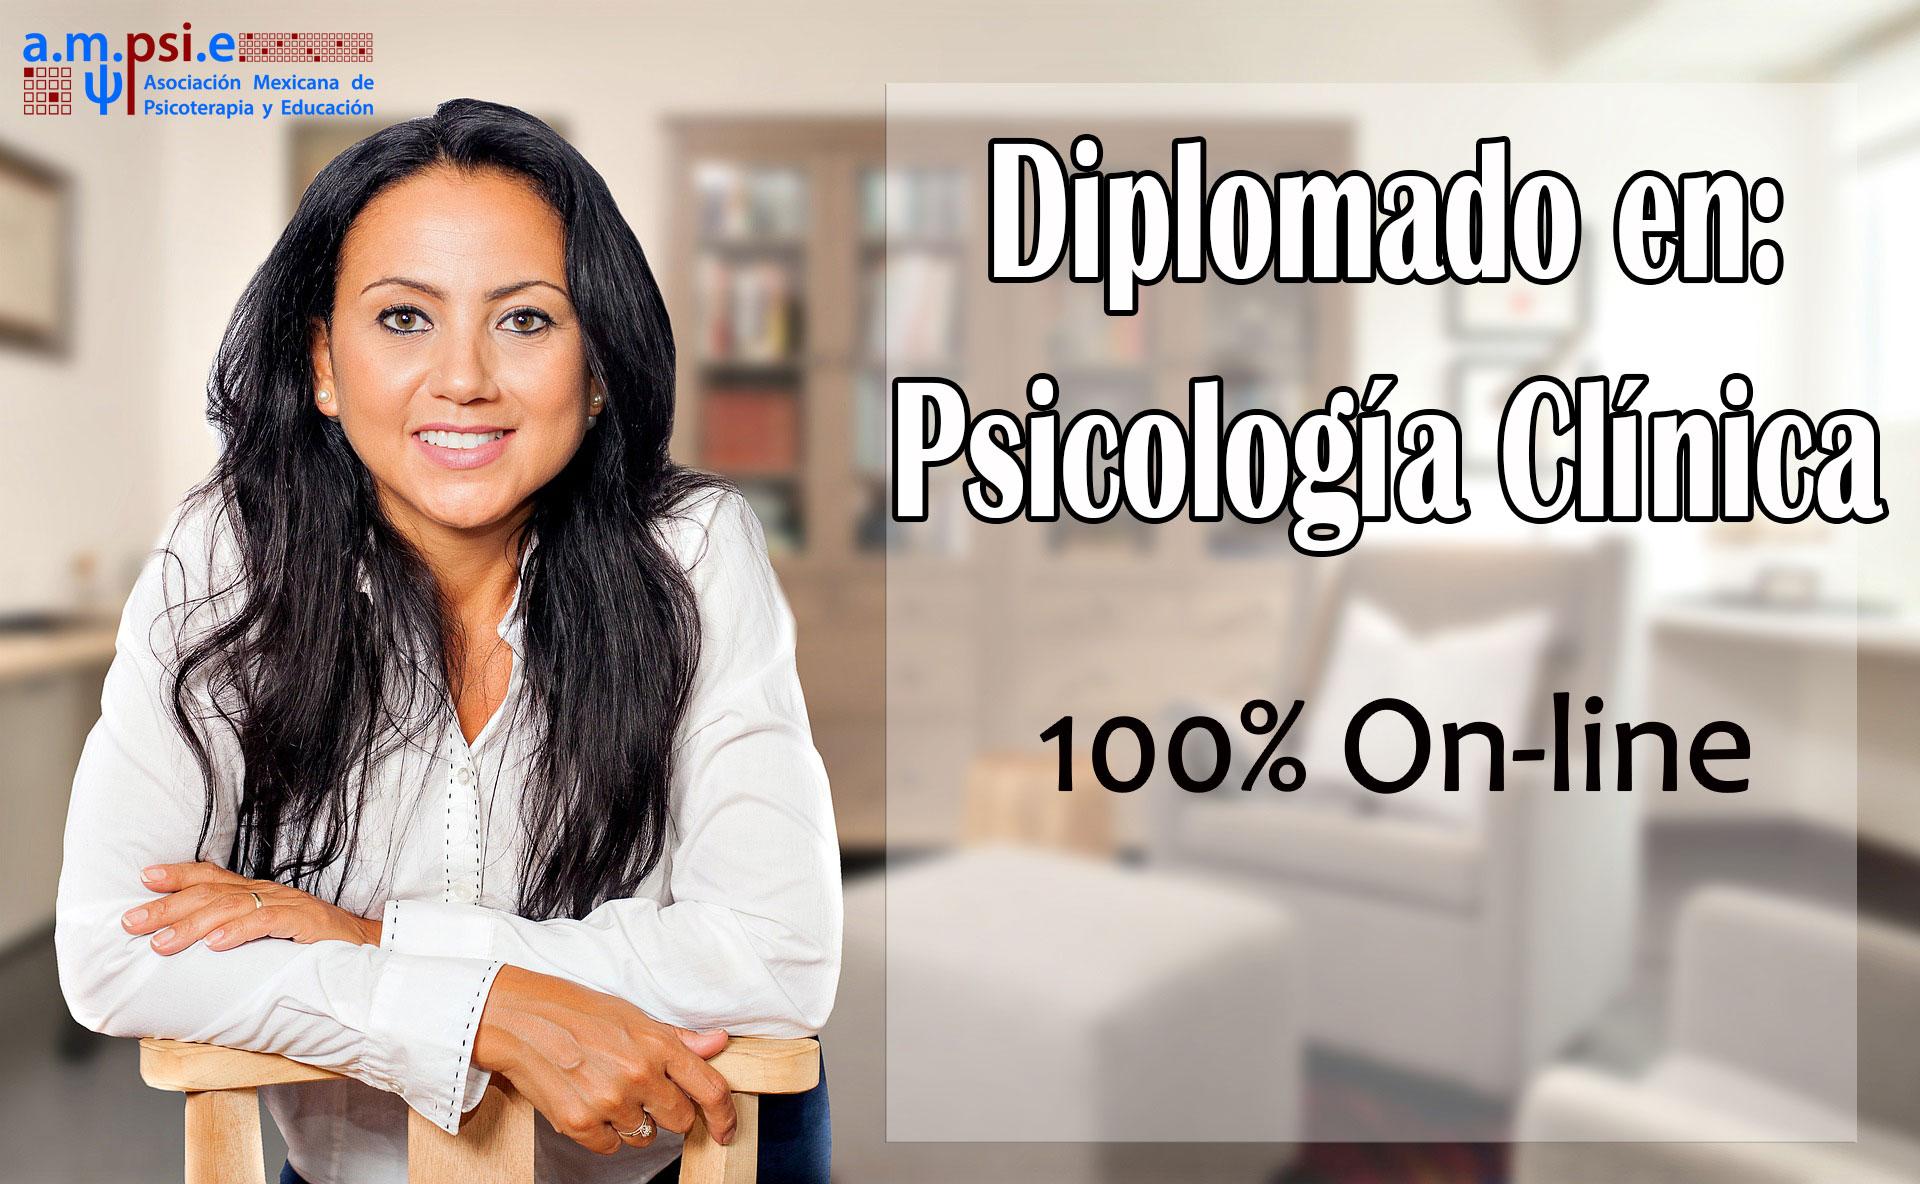 Psicologa clínica